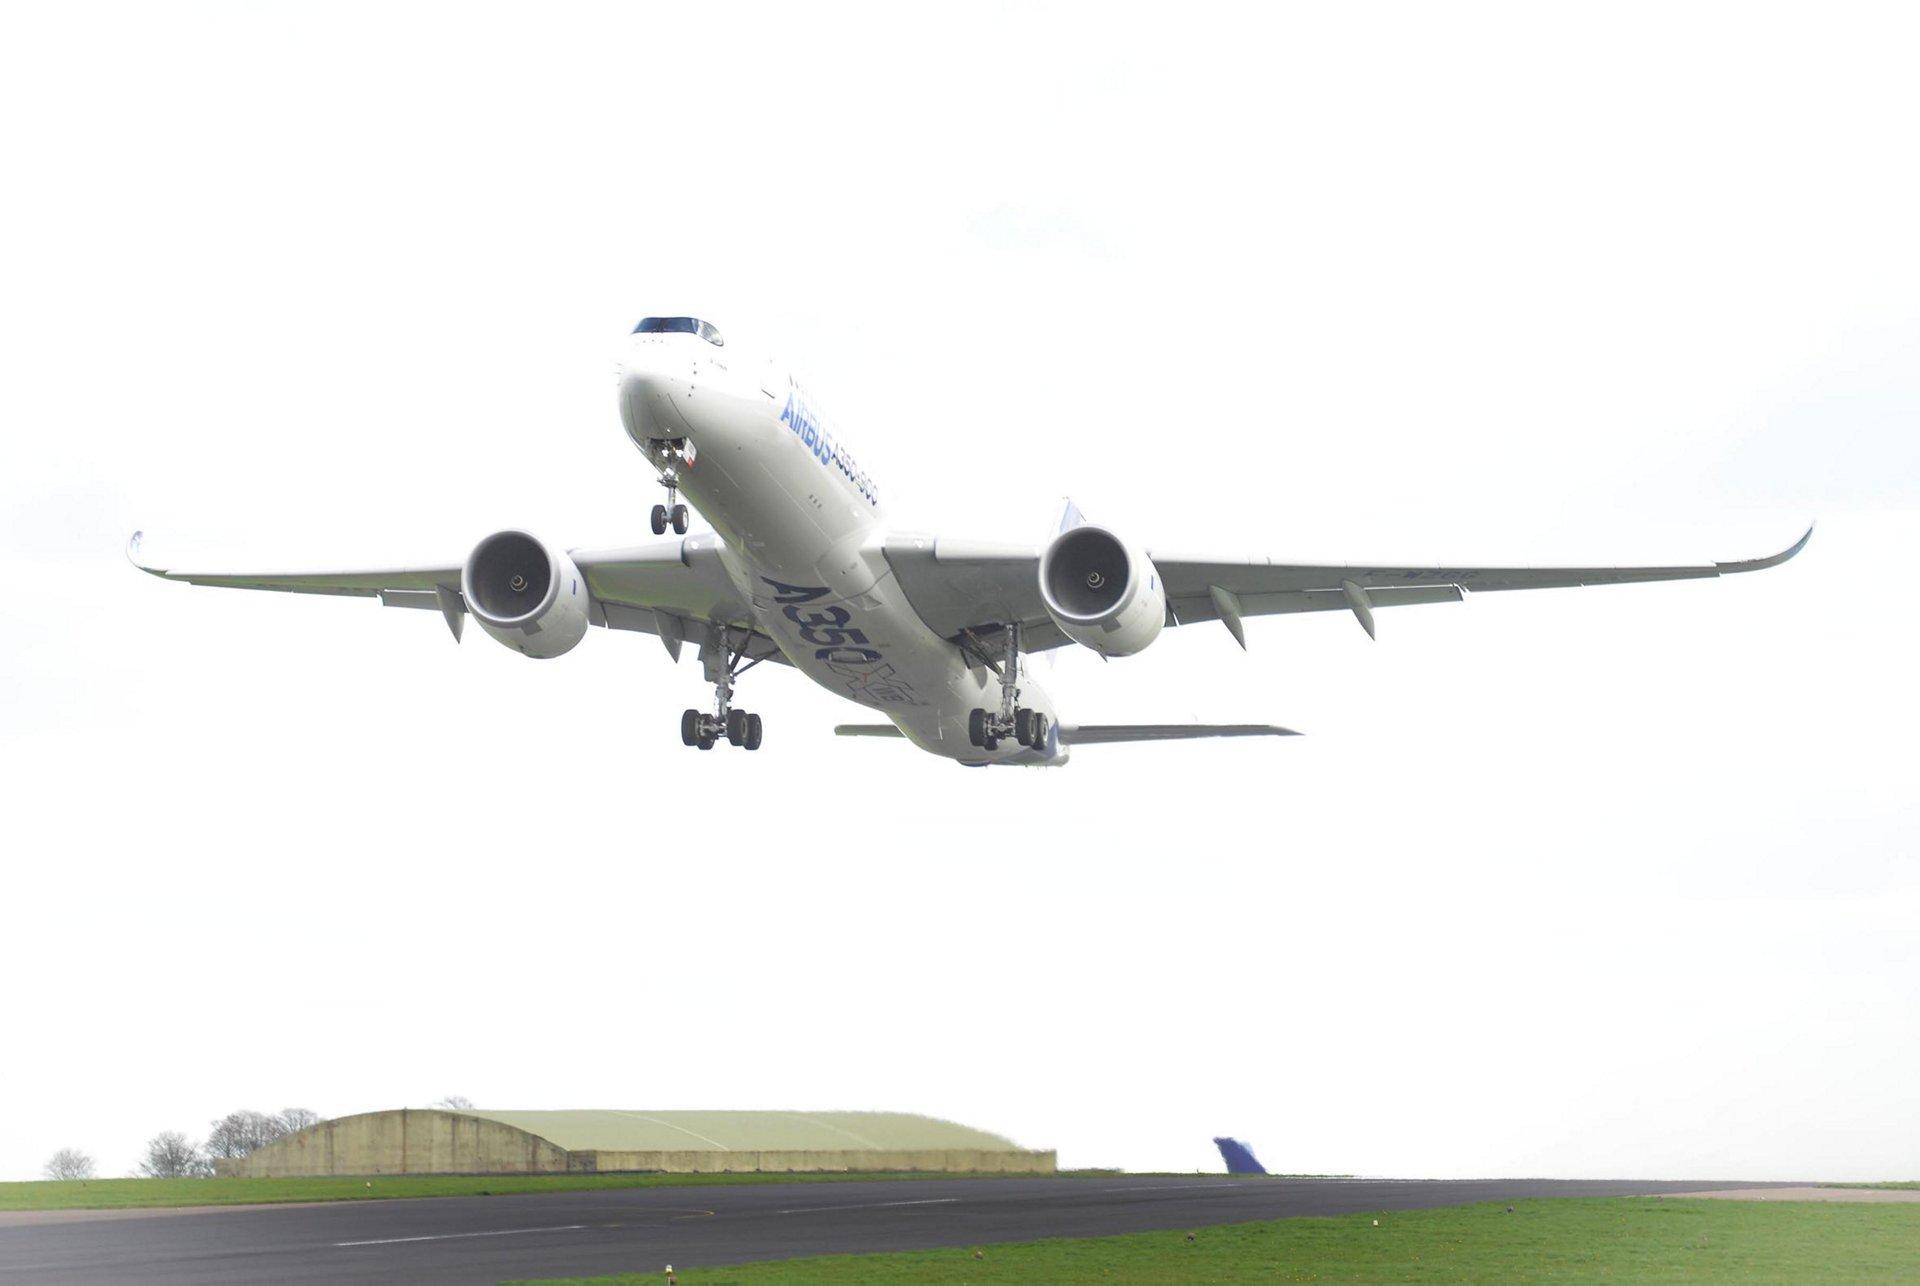 A350 XWB takes off